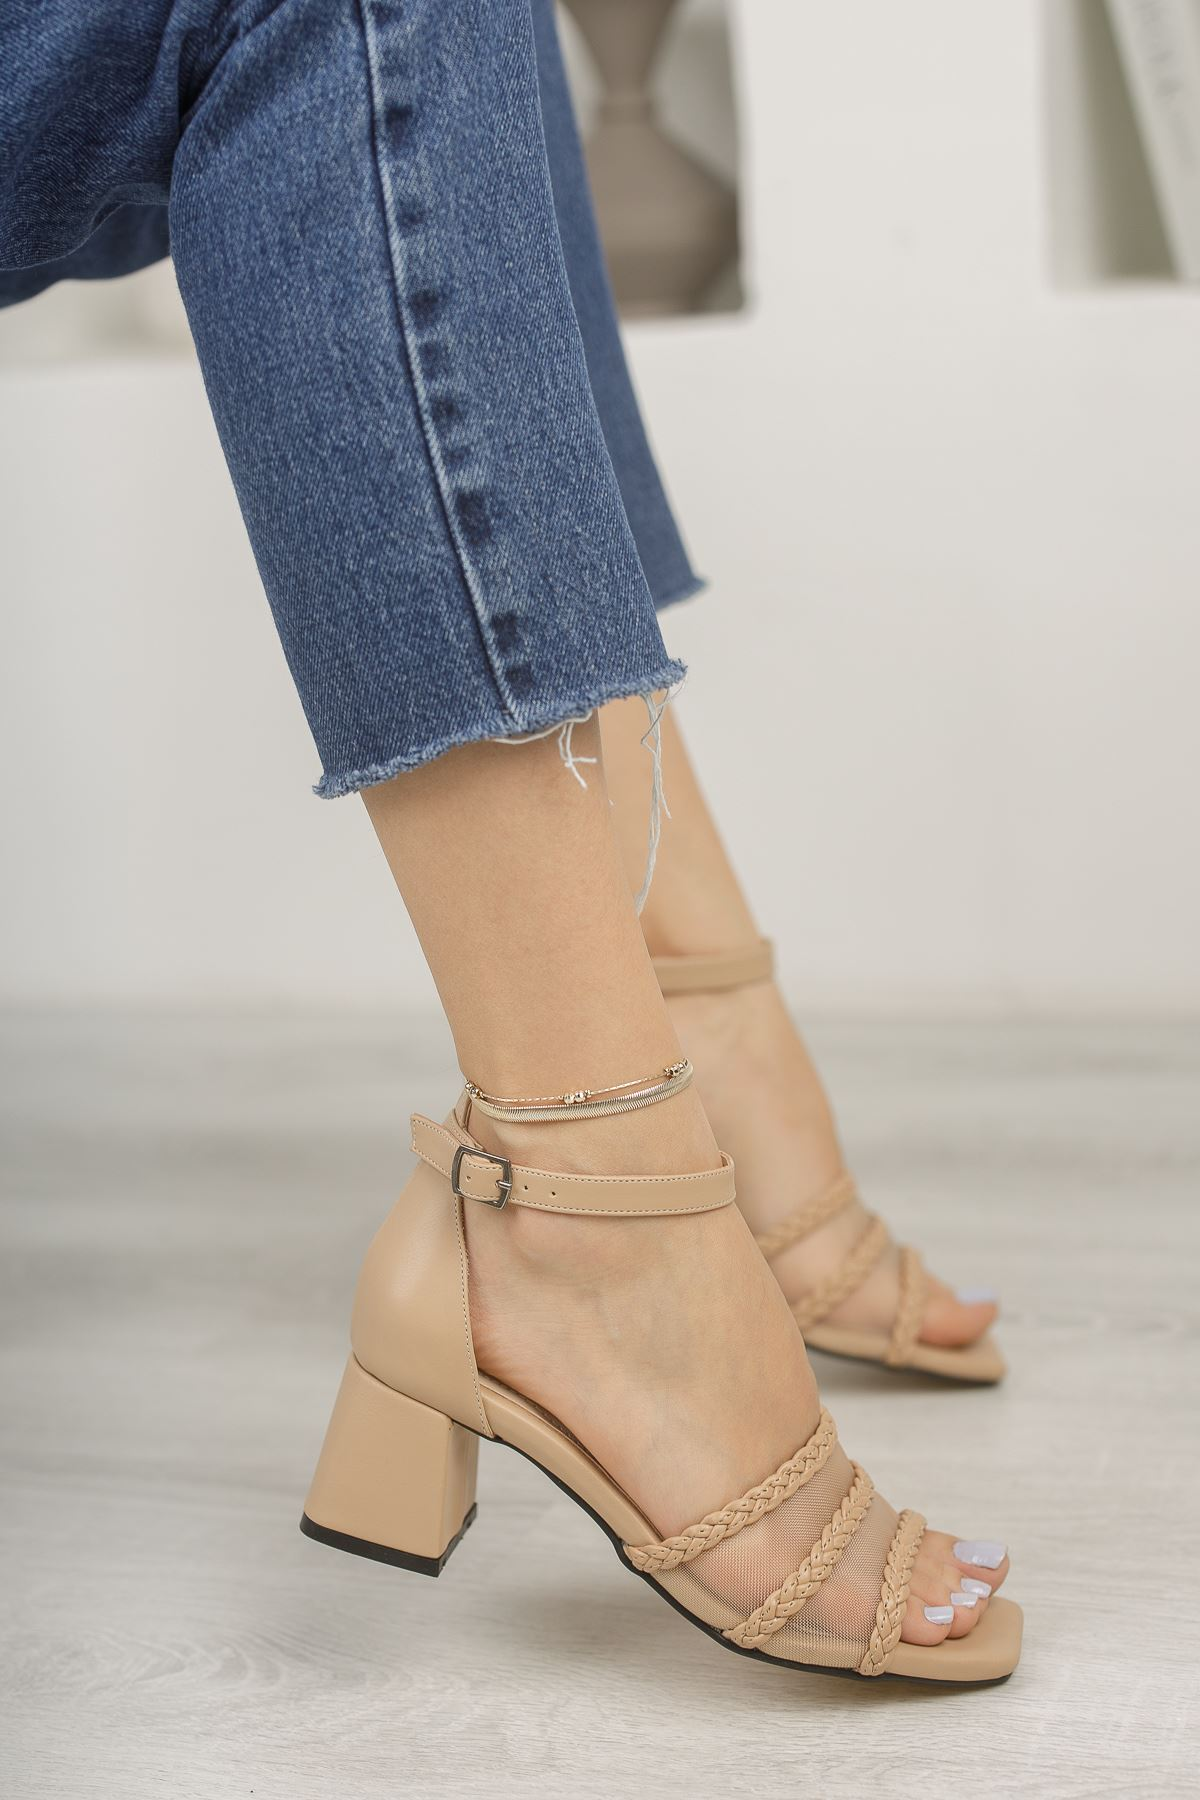 Nude File ve Örgü Detaylı Klasik Topuklu Ayakkabı